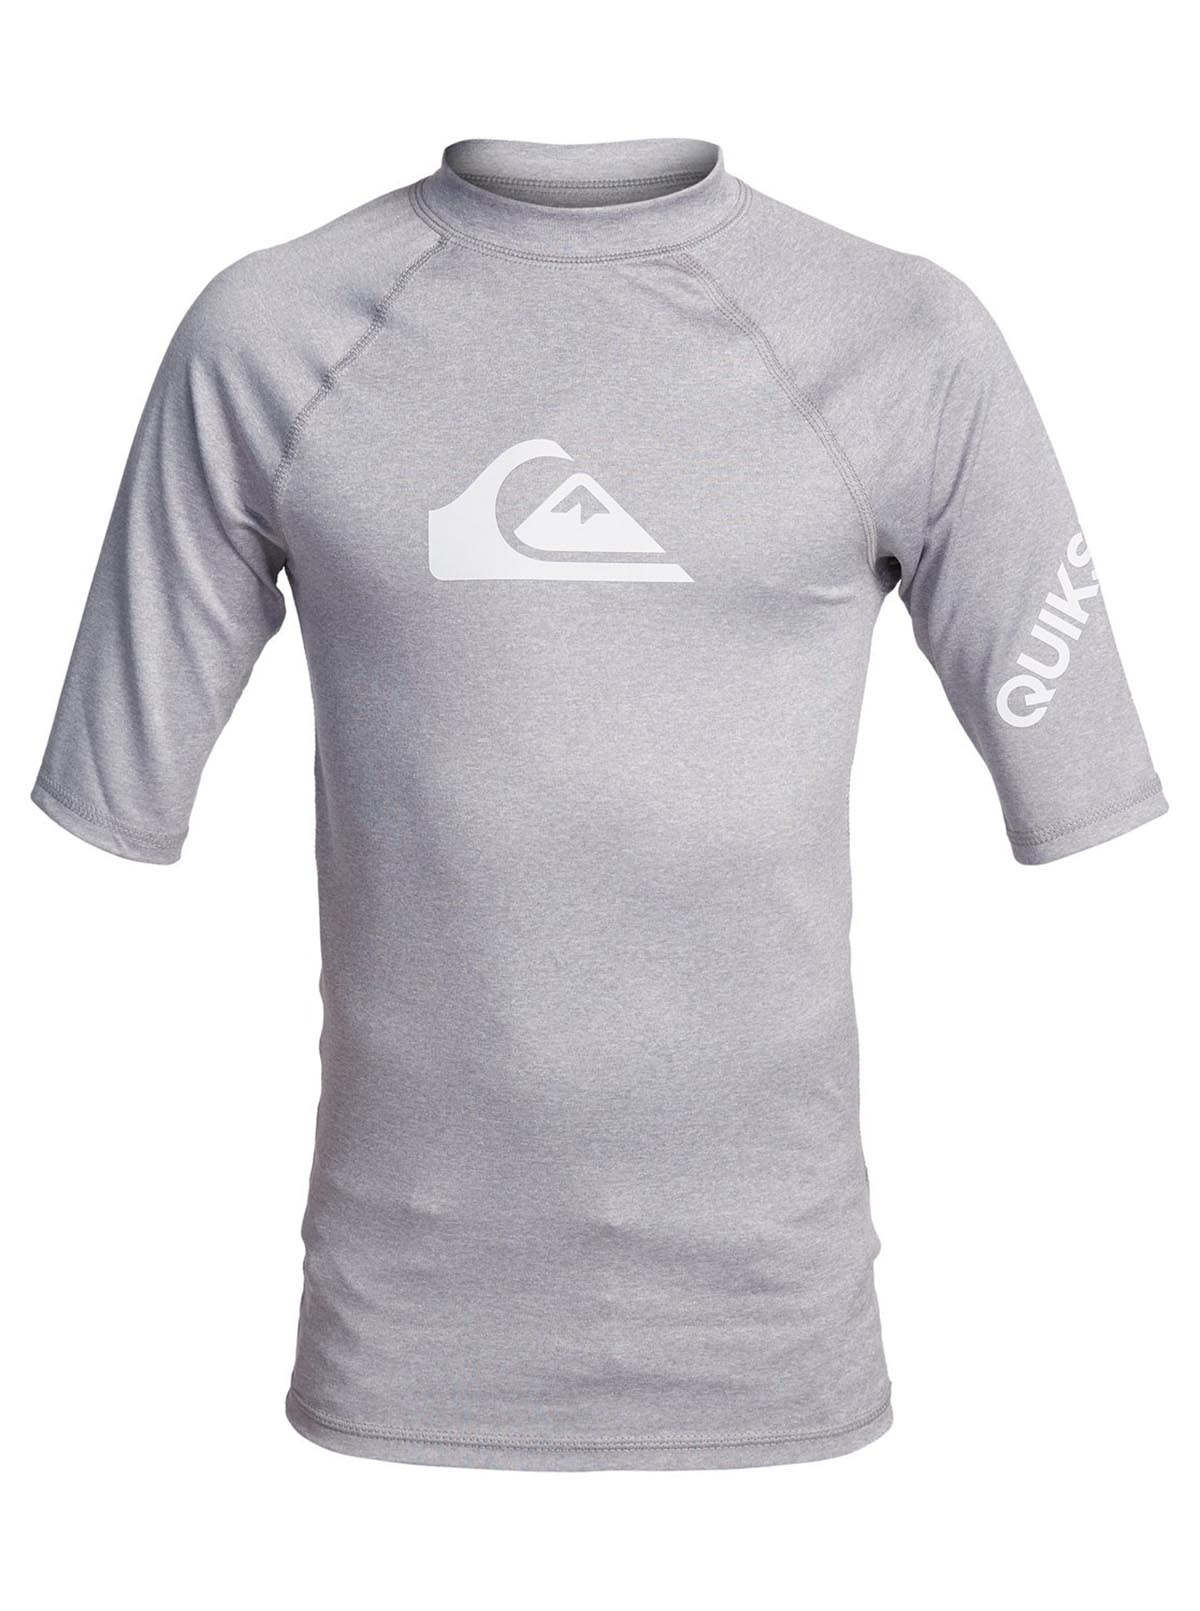 Quiksilver ALLTIMLSYTH B SFSH Lycra T-Shirt EQBWR03121-SZPH